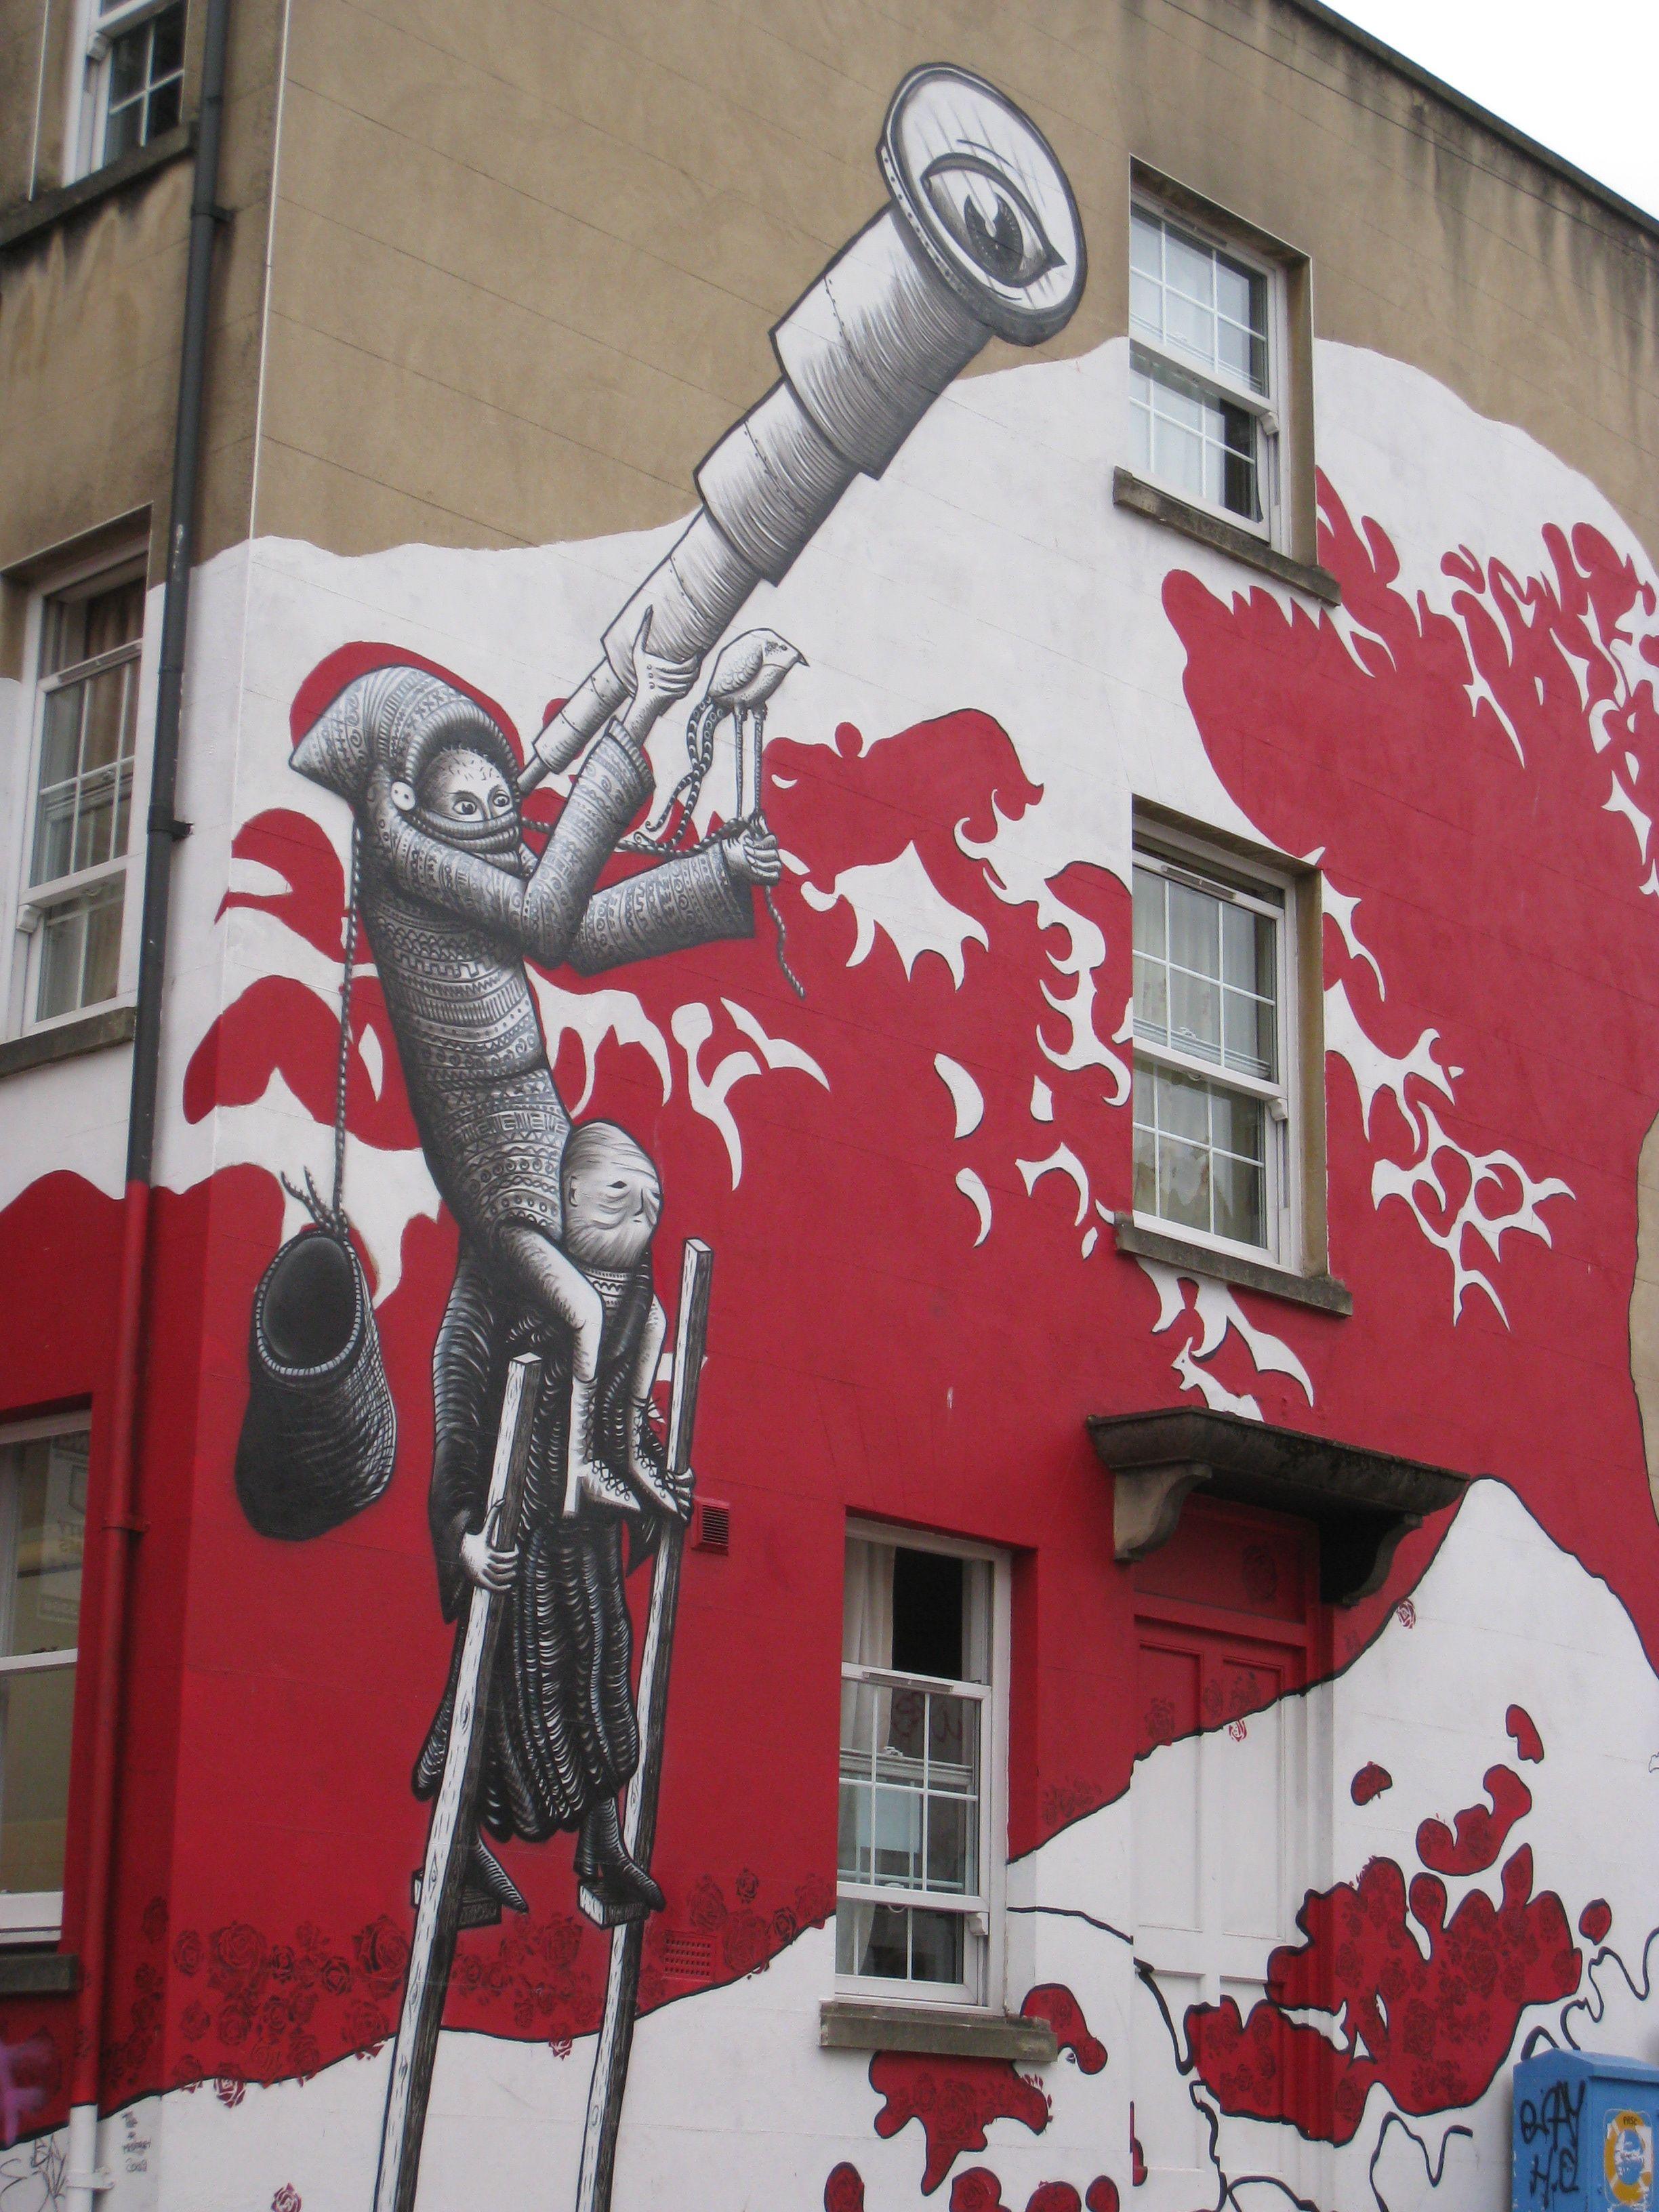 Phlegm Graffiti In Bristol Street Art Murals Street Art Urban Art